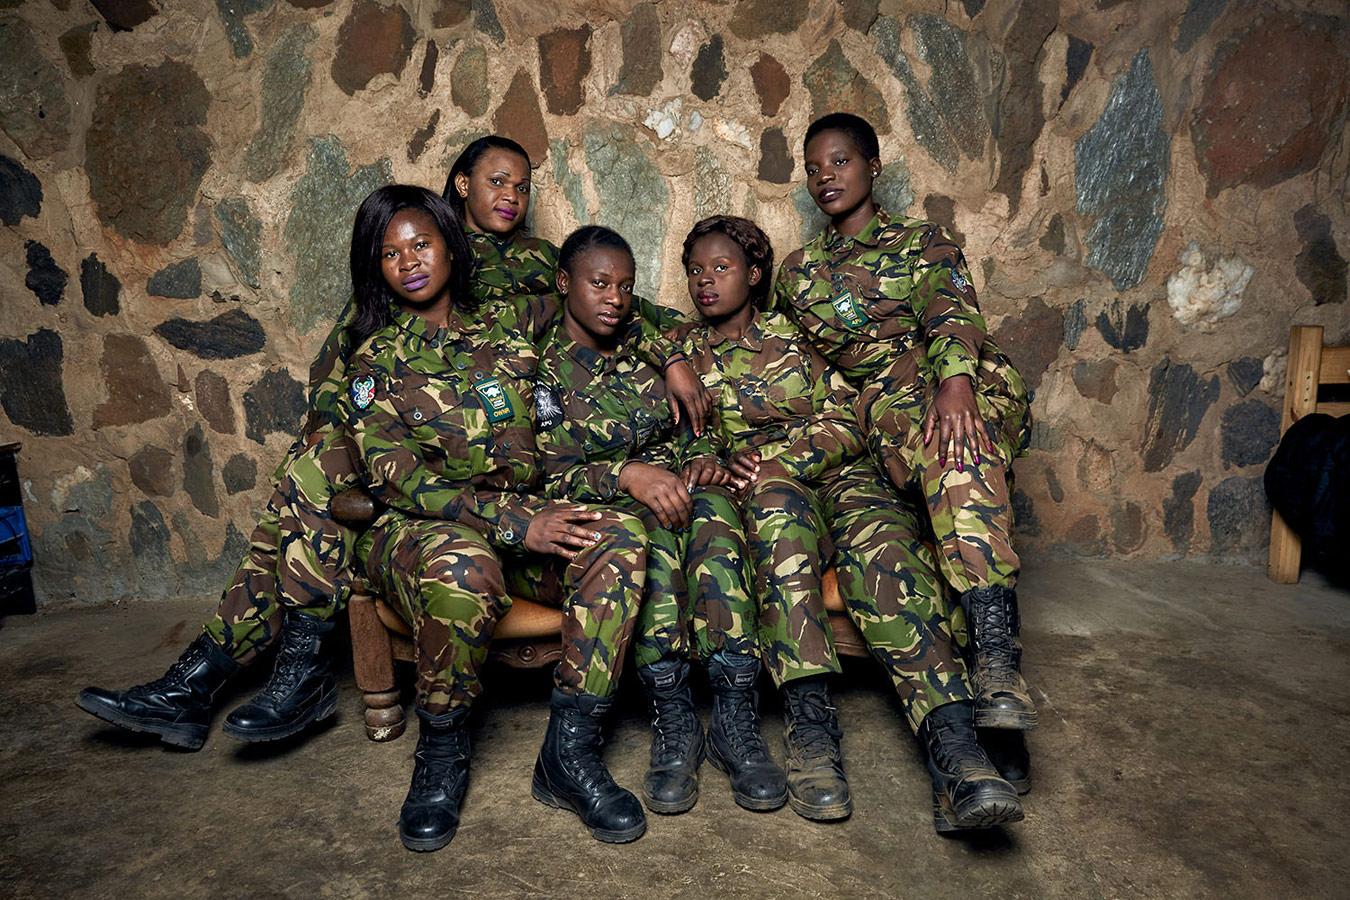 Команда «Чёрная Мамба». Заповедник Балуле, ЮАР, 2017, © Джулия Гюнтер, Нидерланды, Конкурс портретной фотографии Kuala Lumpur